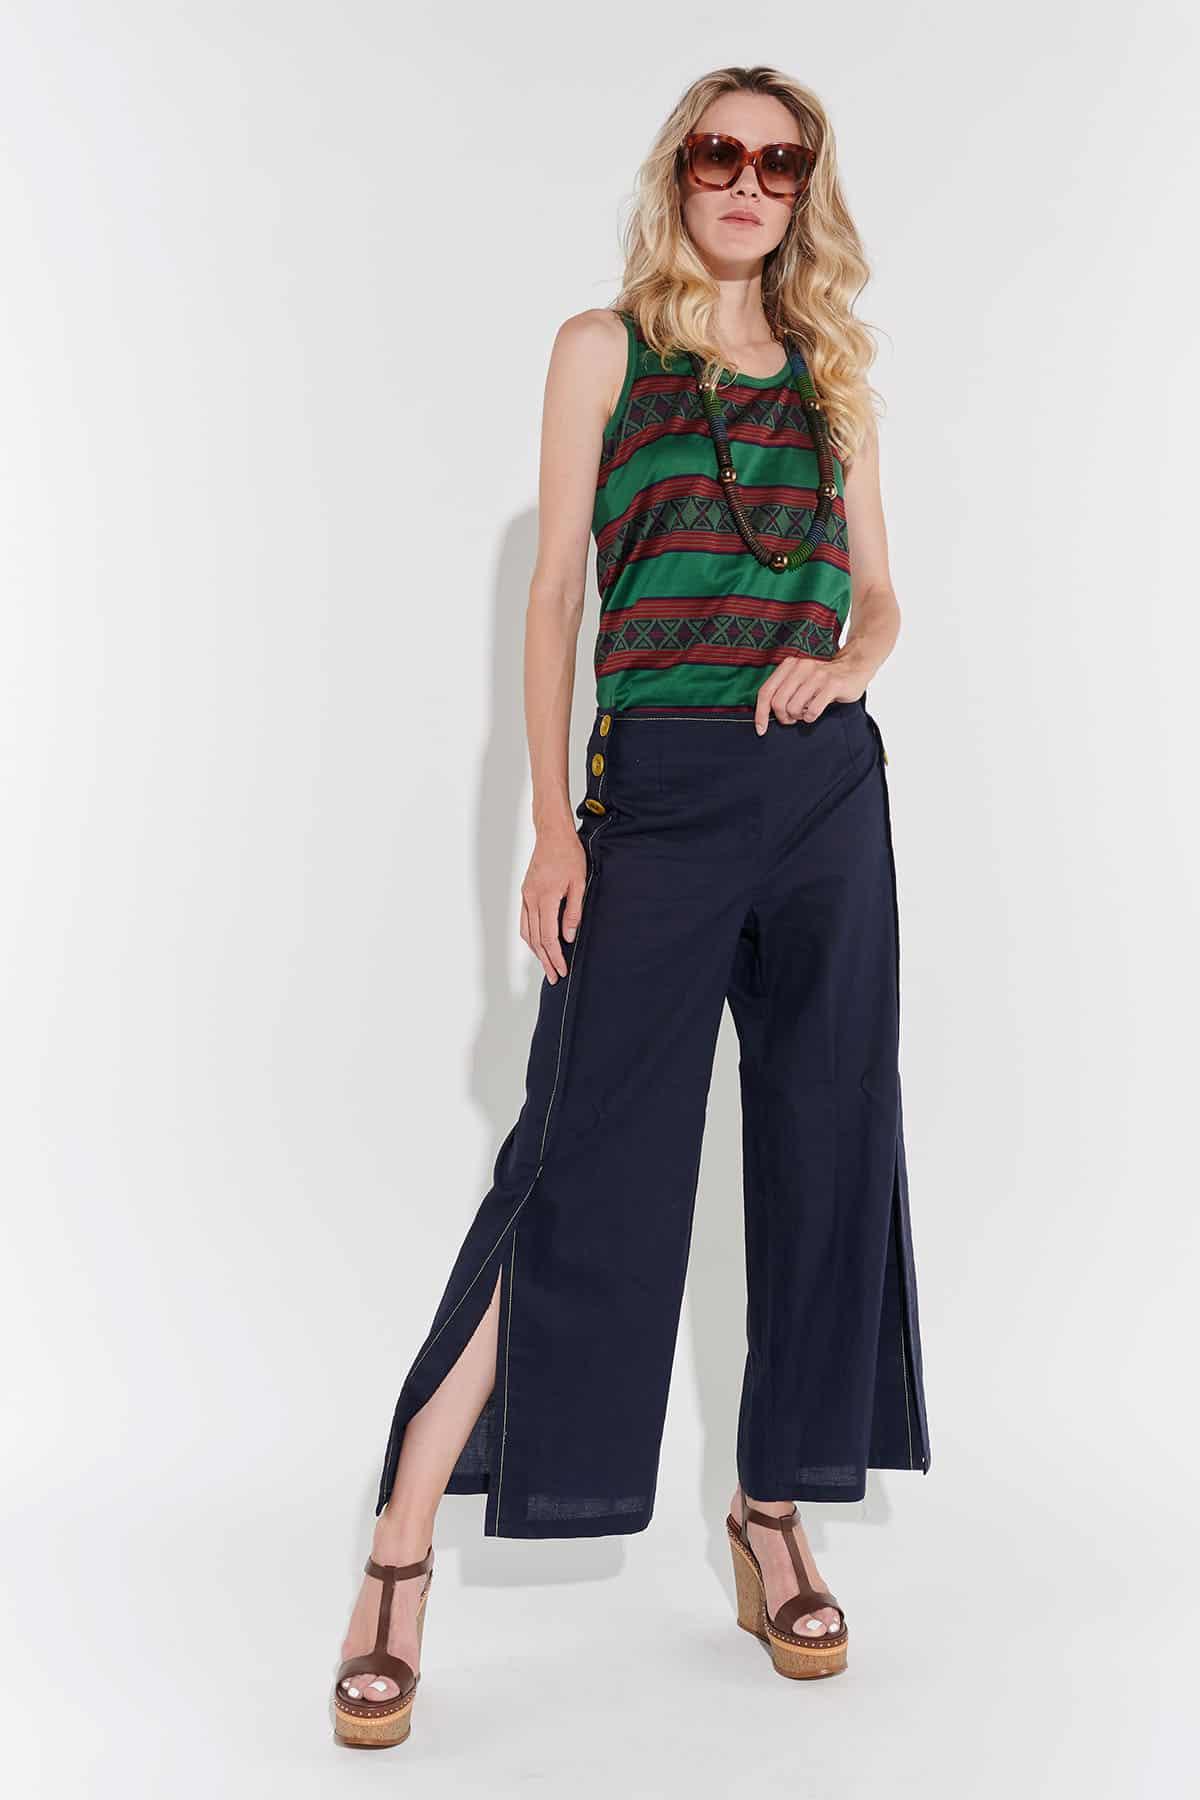 80l'er düşük belli, paçalara doğru genişleyen yırtmaçlı lacivert keten pantolon